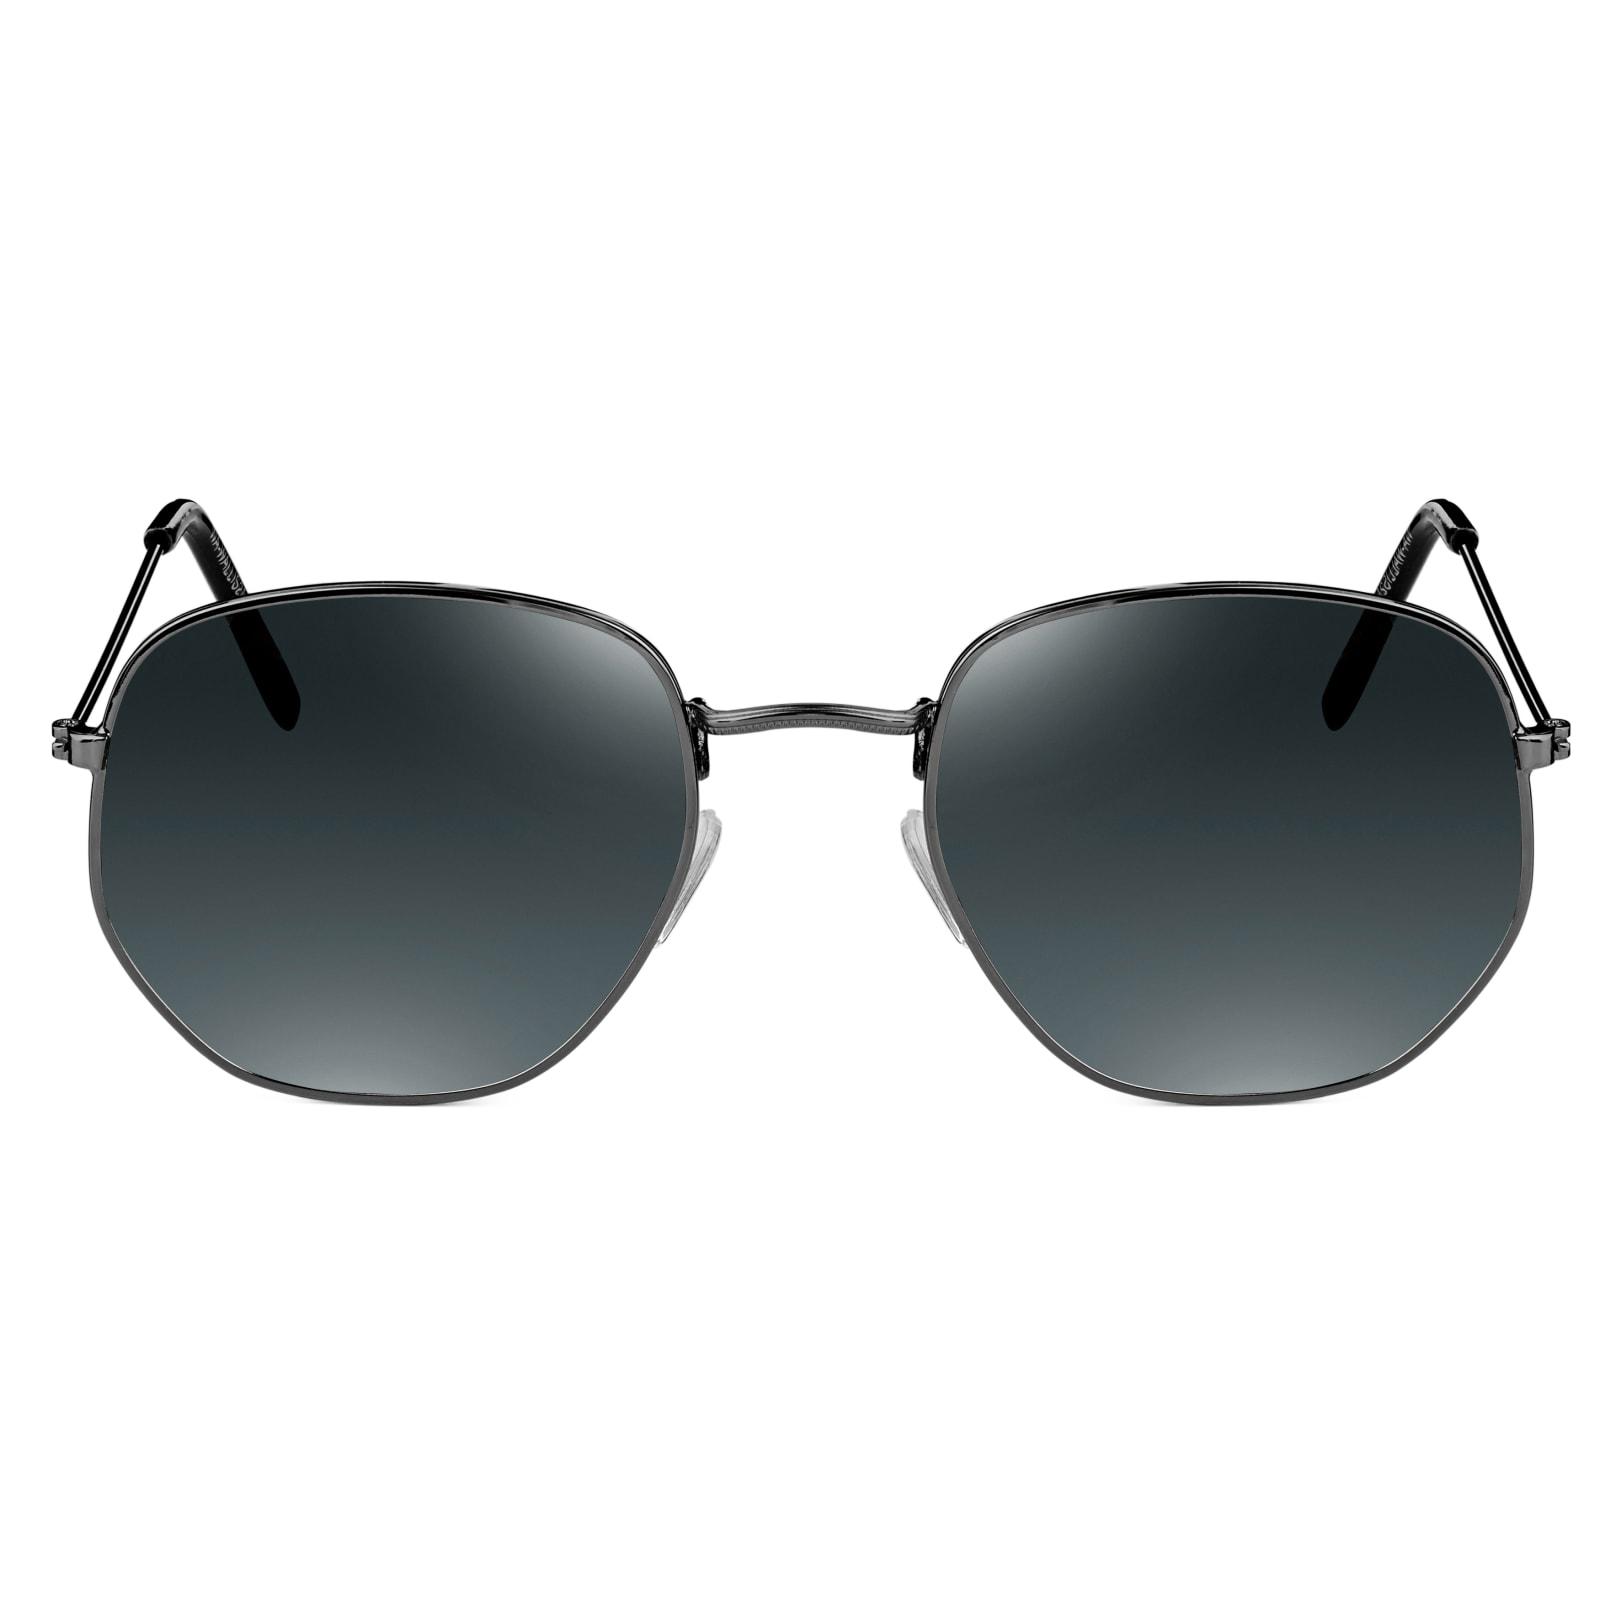 46a8f74b0d Gafas de sol negras y grises Wallis   ¡En stock!   Waykins